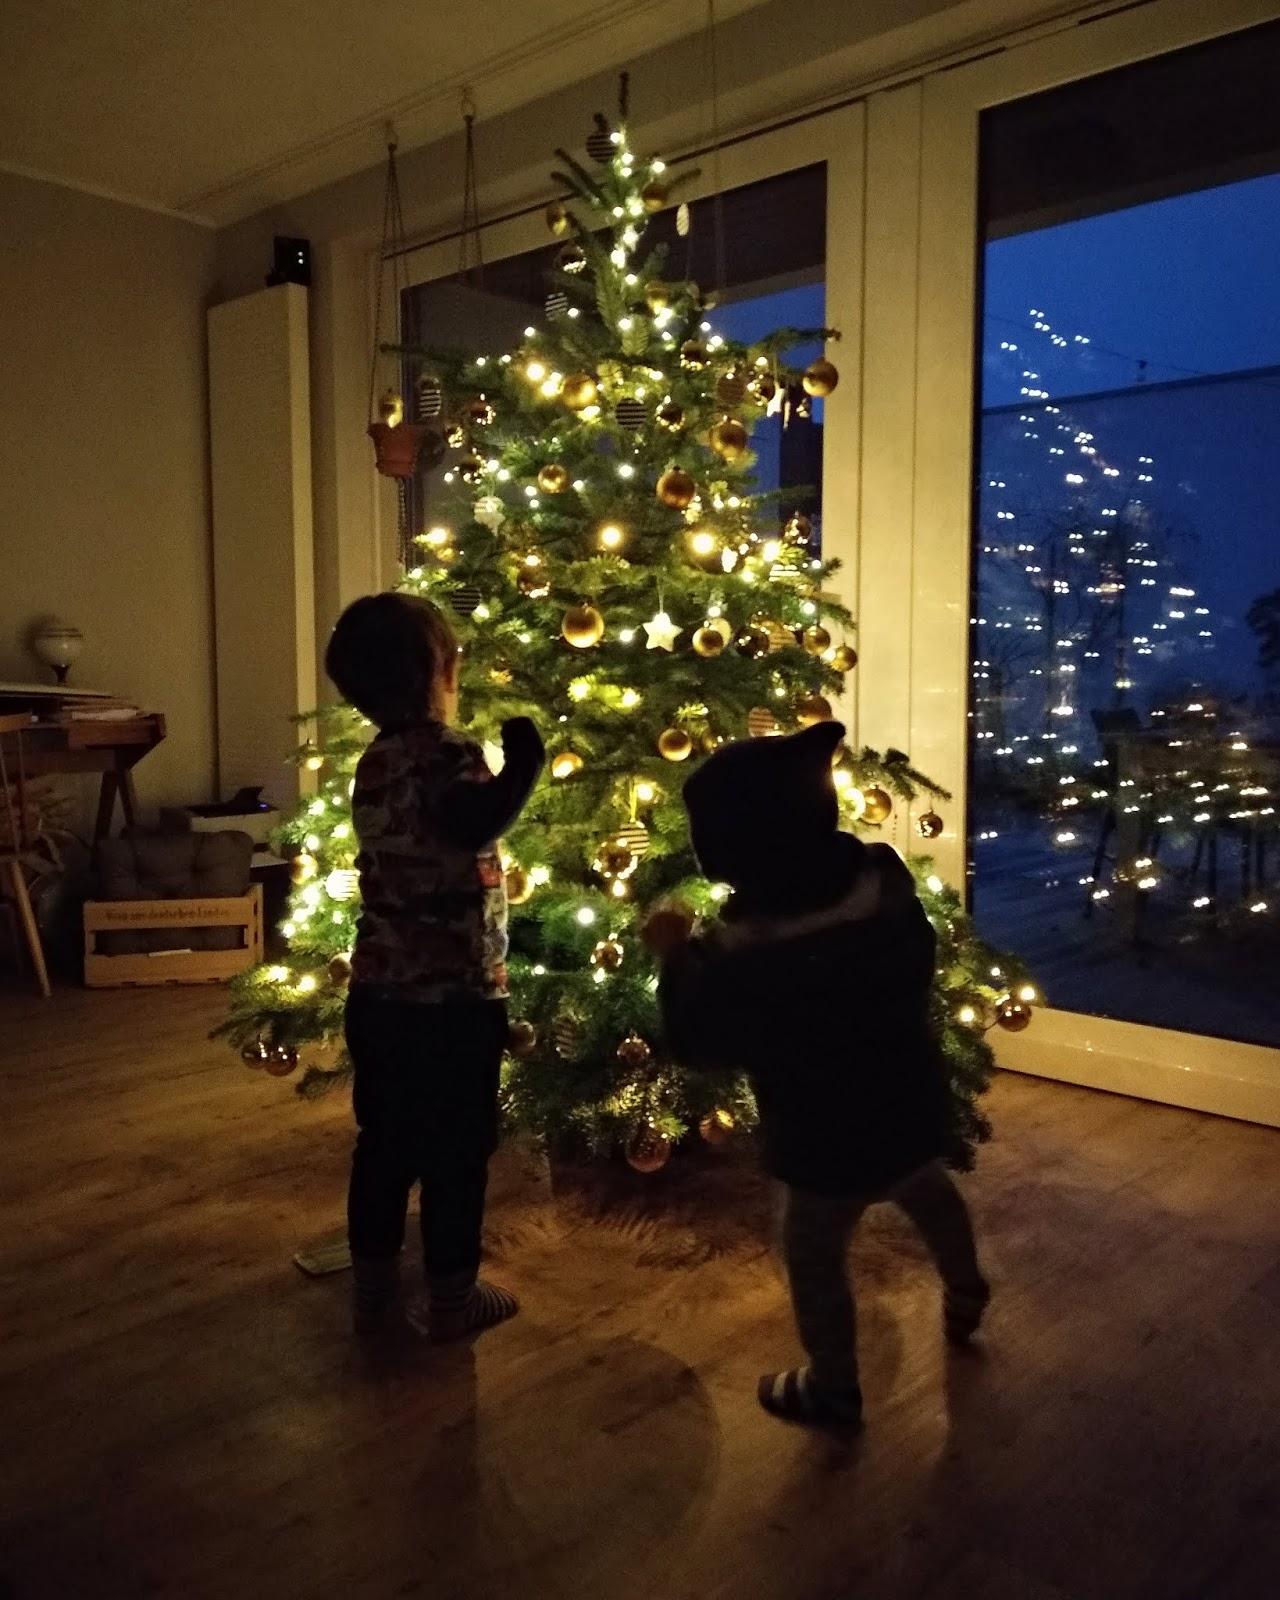 Weniger Stress im Advent | Gemütliche Weihnachten | Entschleunigung in der Vorweihnachtszeit | Zur Besinnung kommen | judetta.de